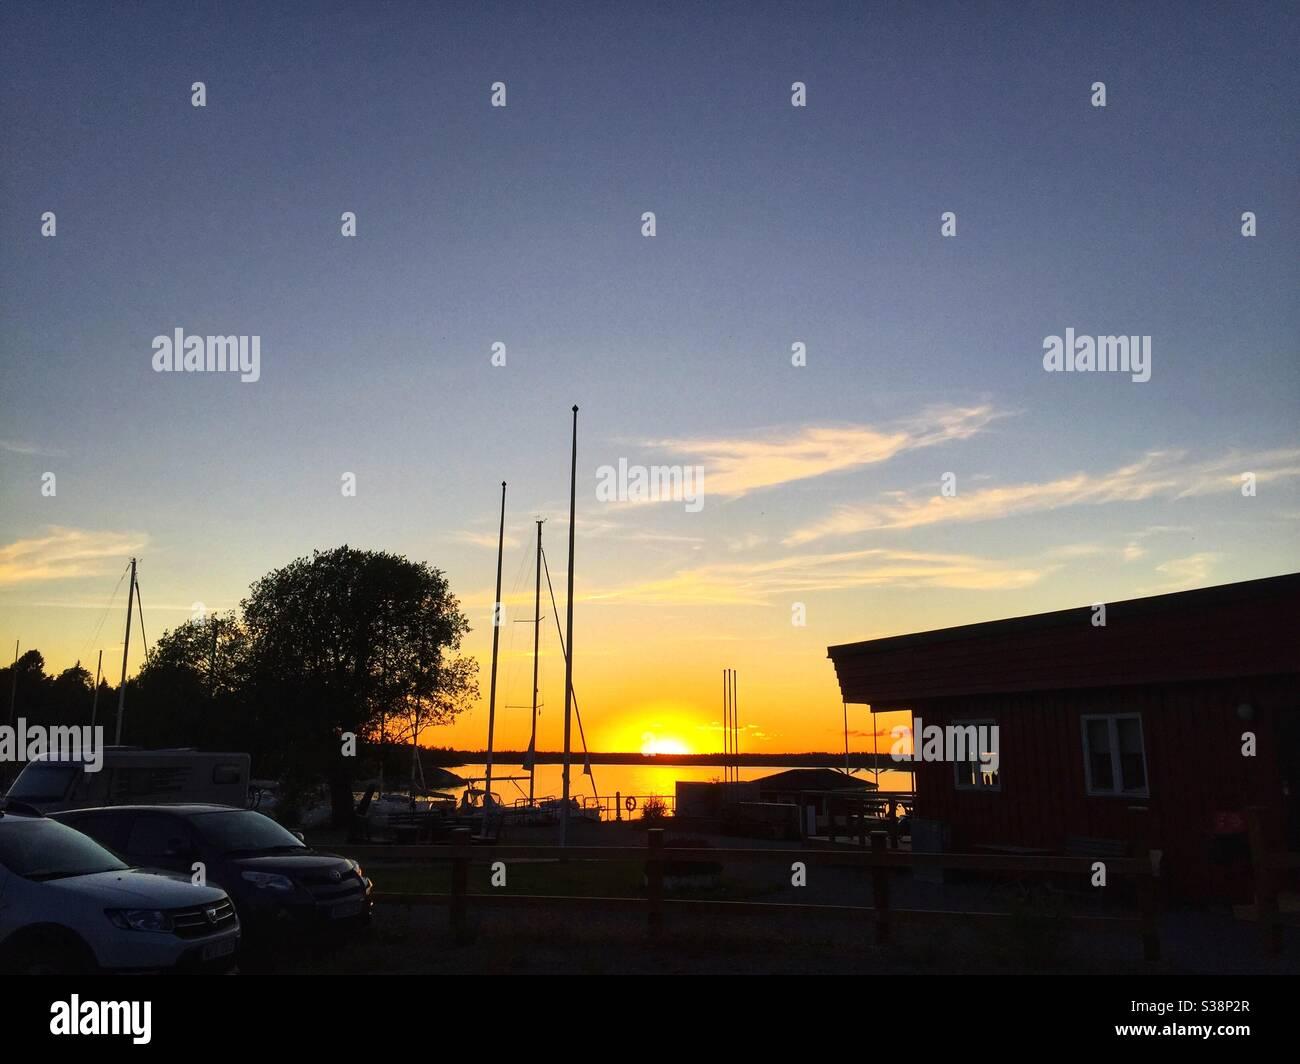 Coucher de soleil sur le port de Gräddö, Norrtälje, Suède. Banque D'Images